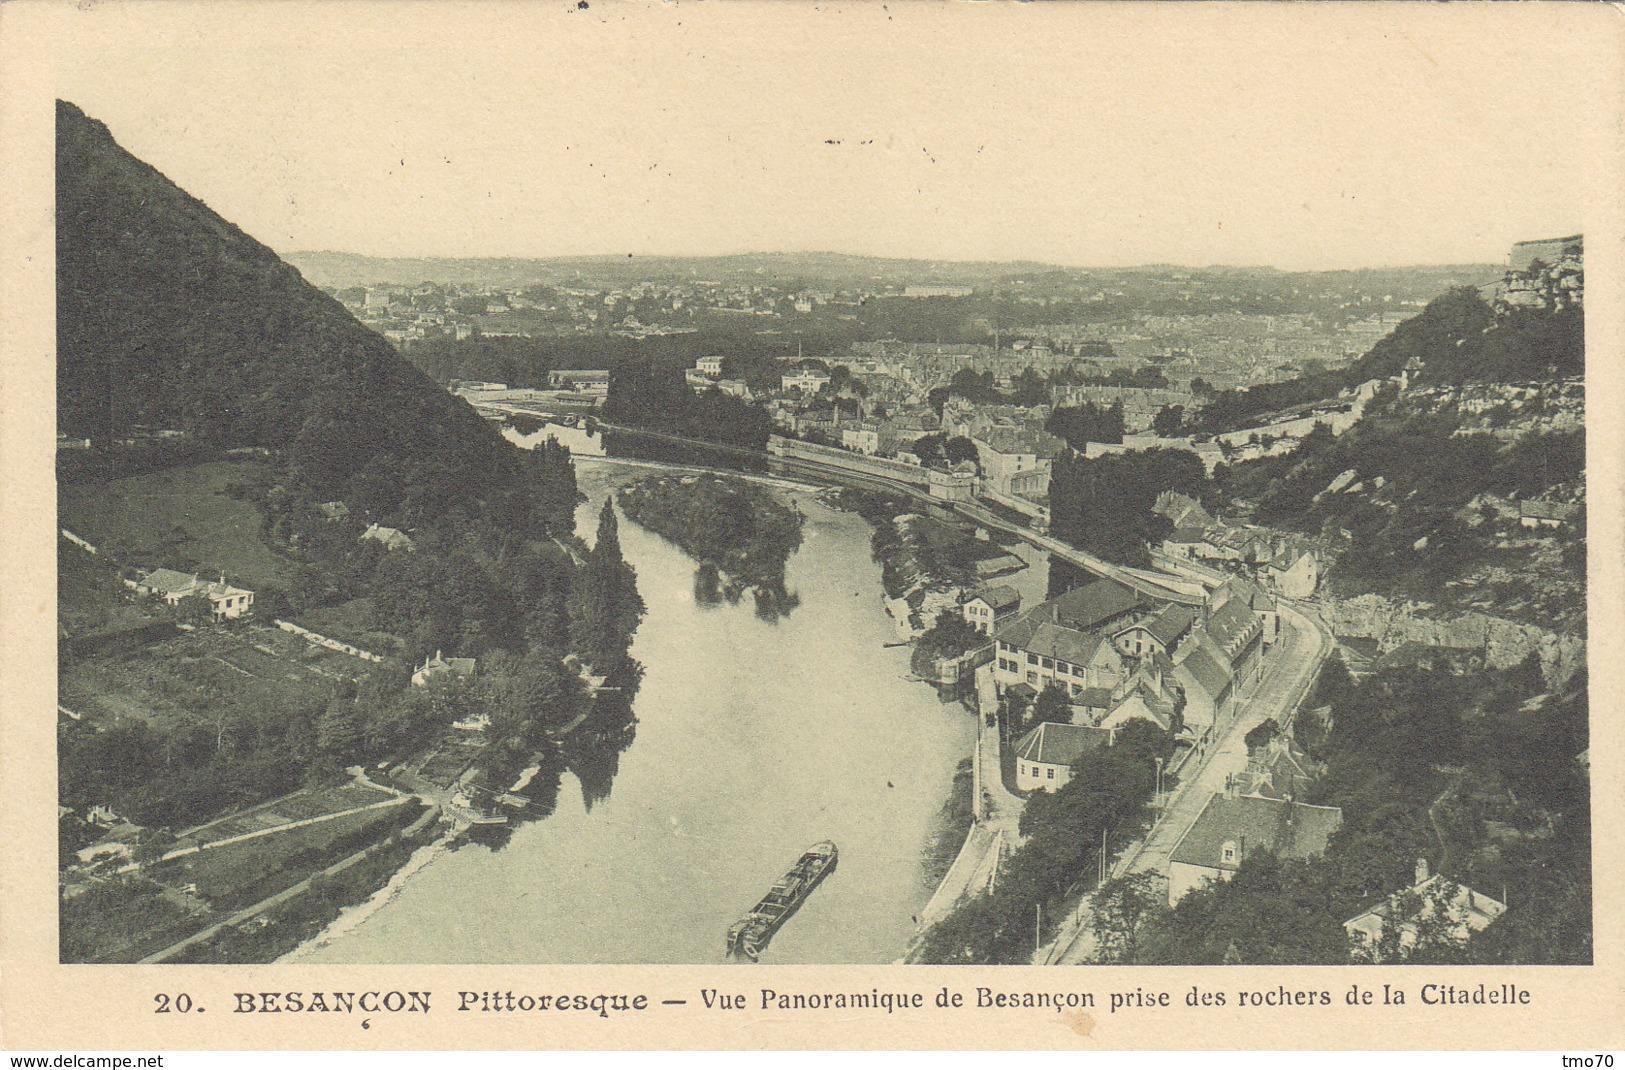 25  Doubs  -  Besançon  -  Besançon  Pittoresque  -  Vue  Panoramique  De  Besançon  Prise  Des  Rochers  De  La  Citade - Besancon